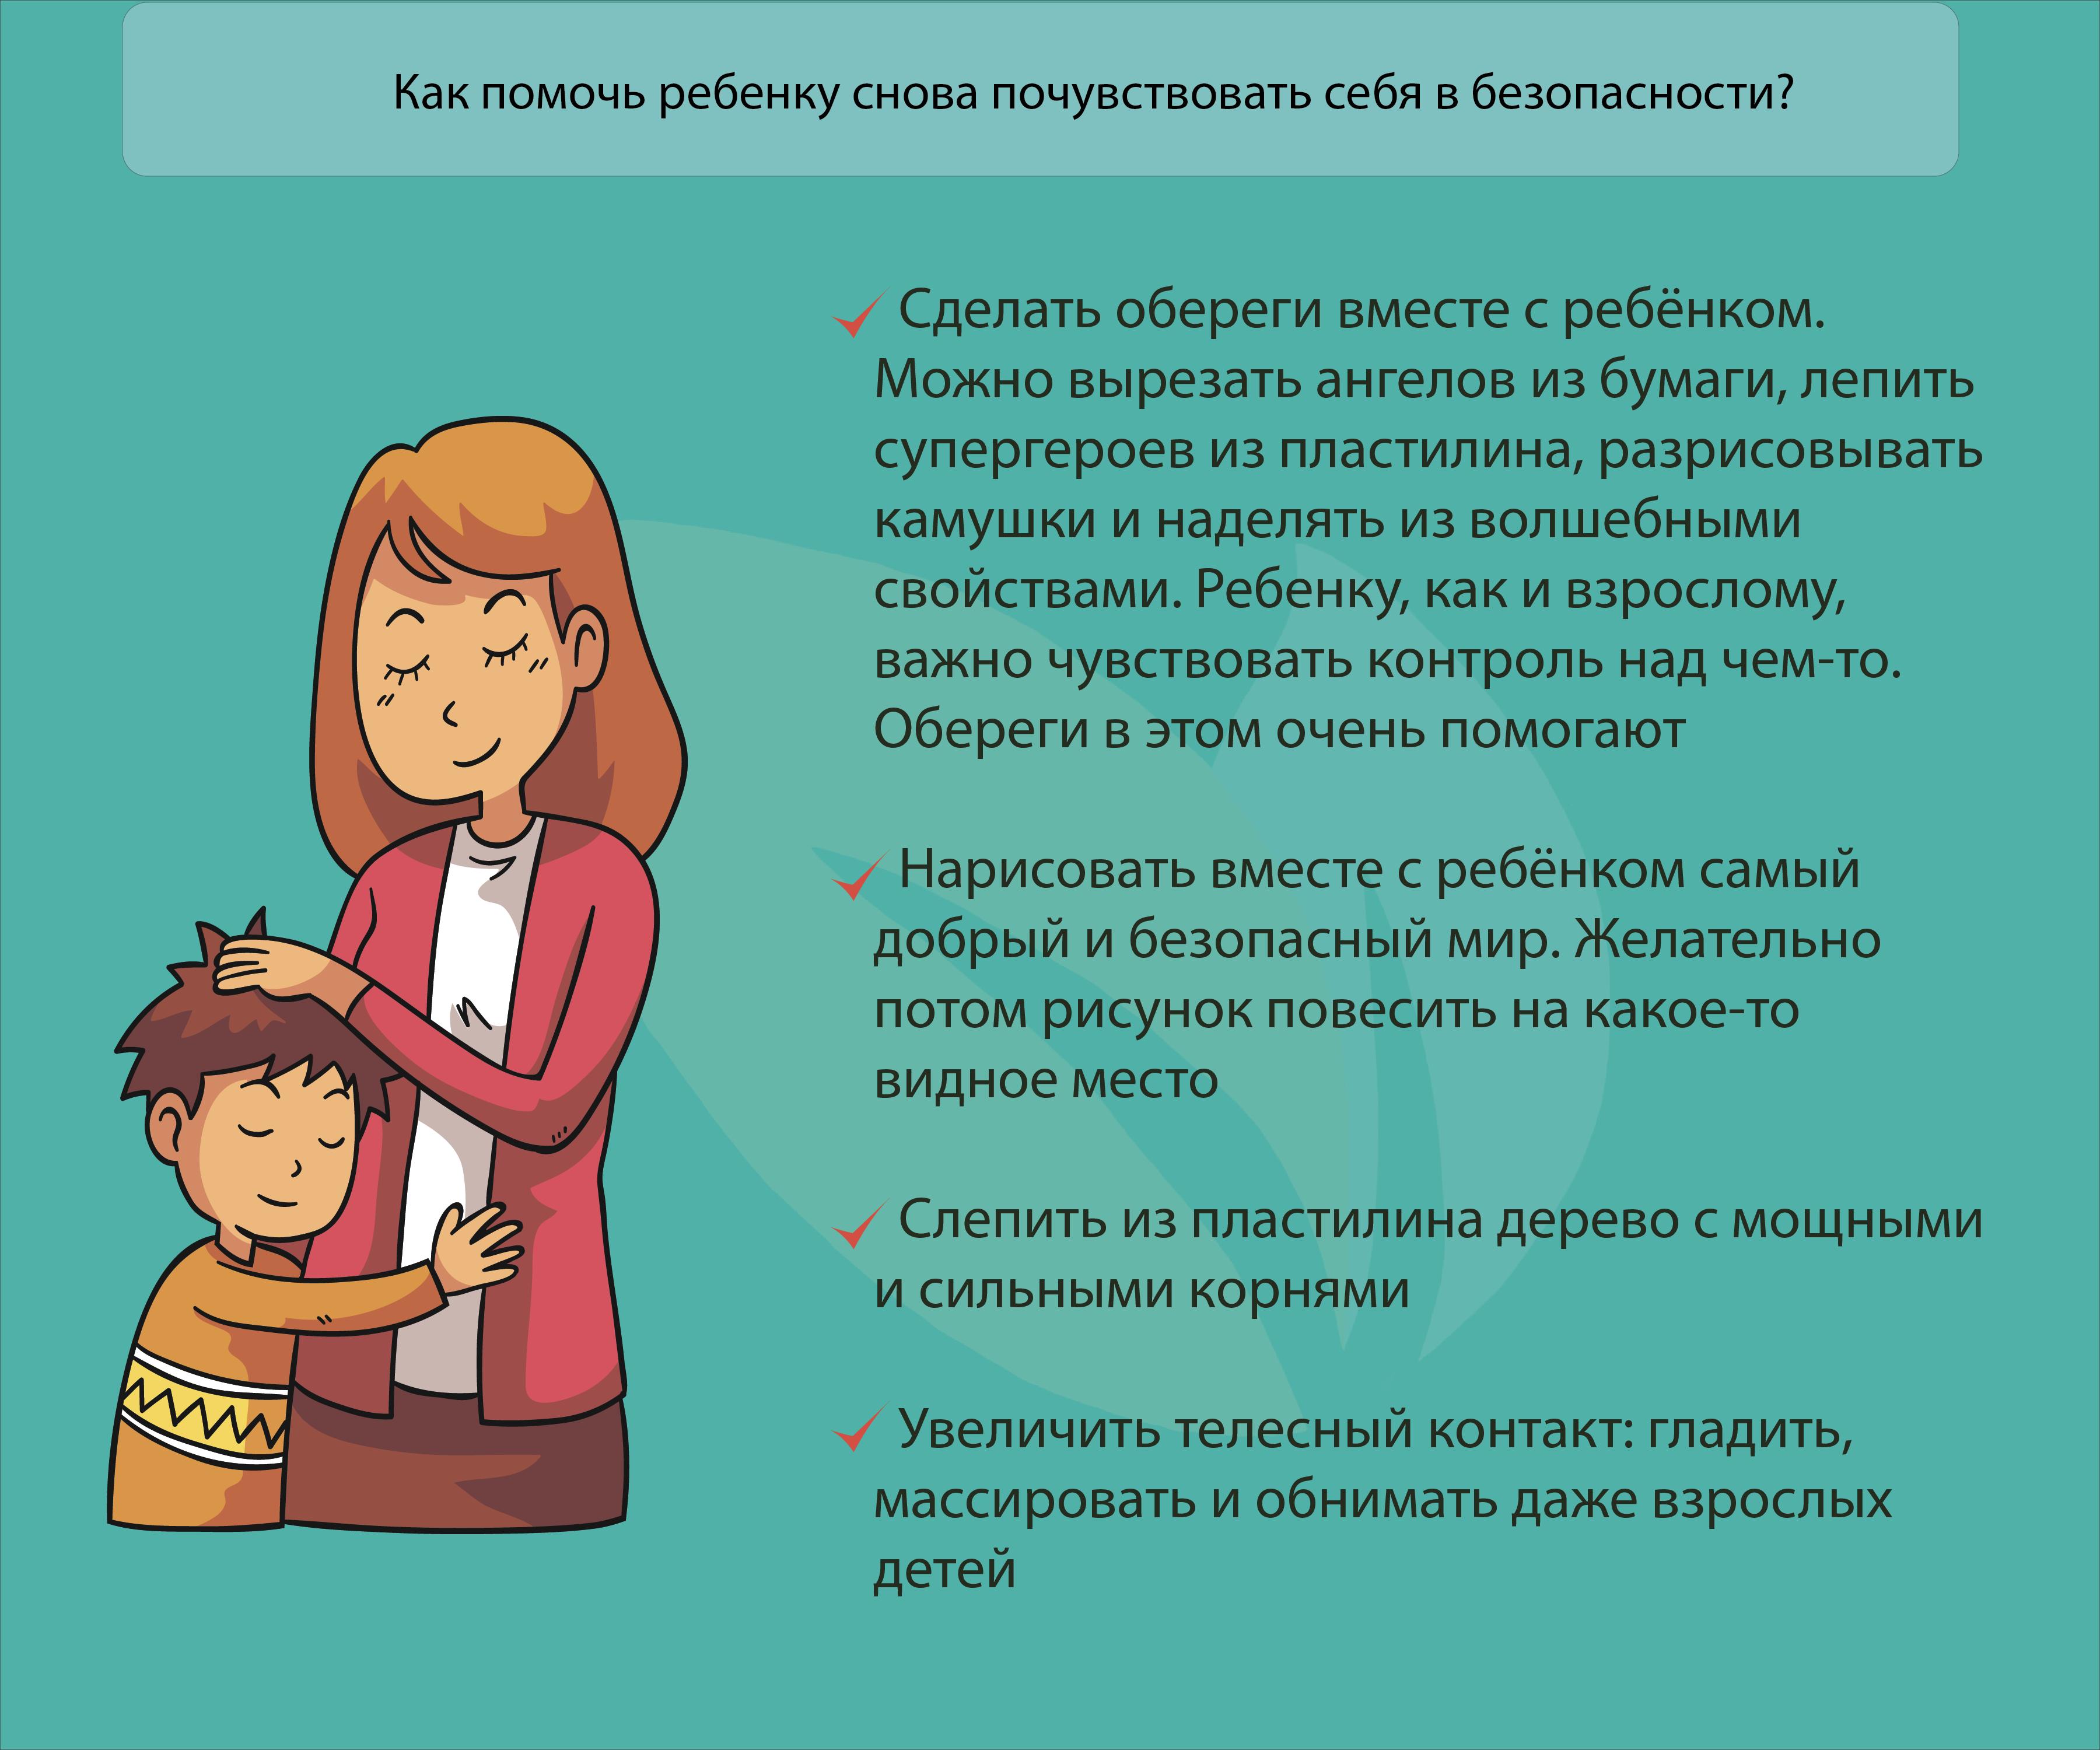 4 Как помочь ребенку снова почувствовать себя в безопасности 2